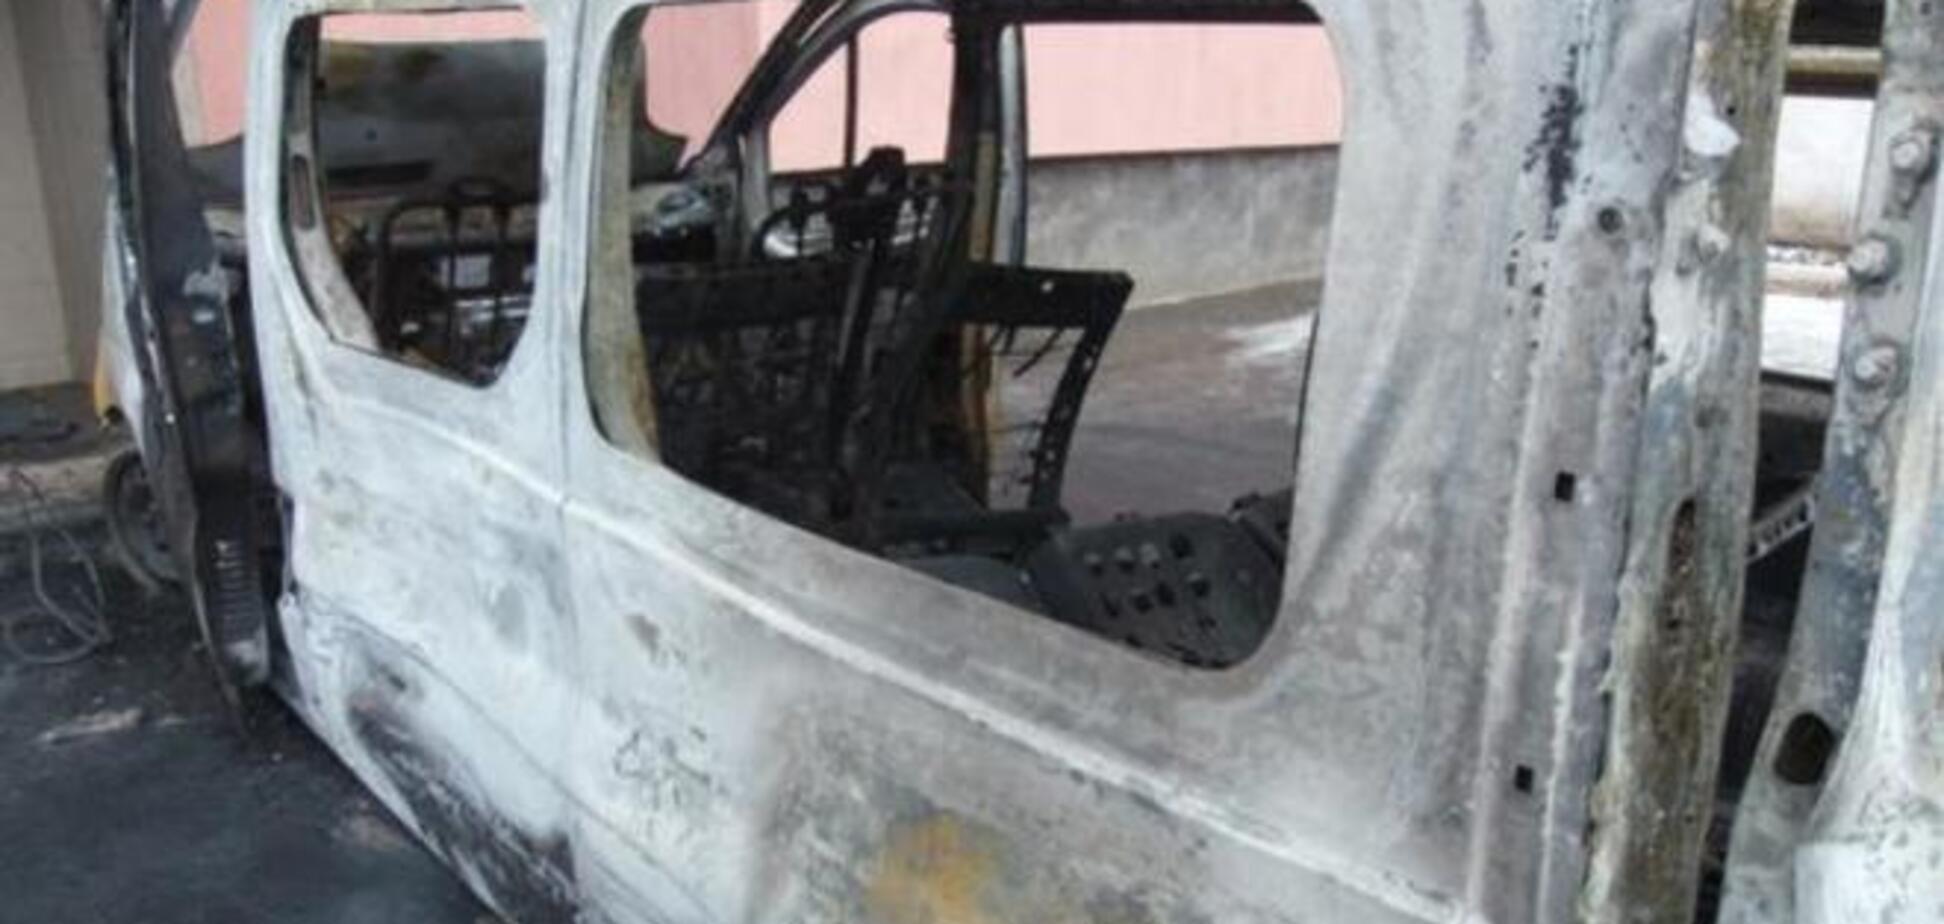 В Макеевке неизвестные взорвали автомобиль боевиков: есть жертвы